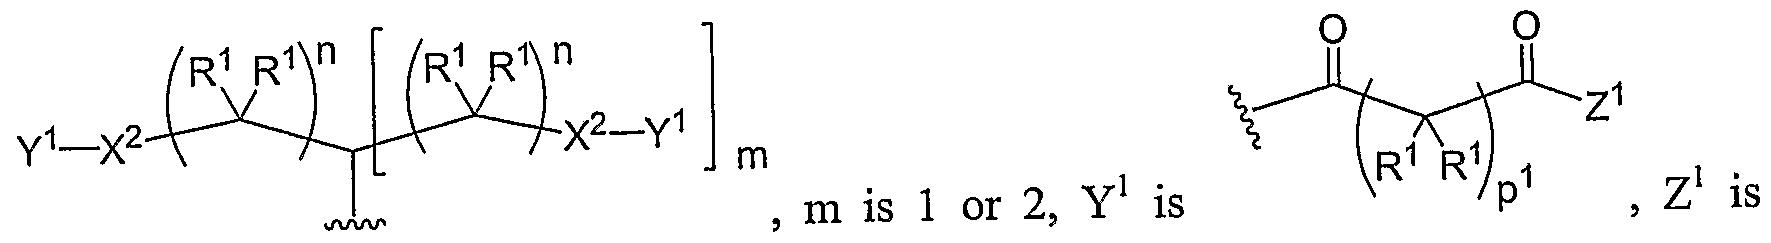 Figure imgf000371_0005